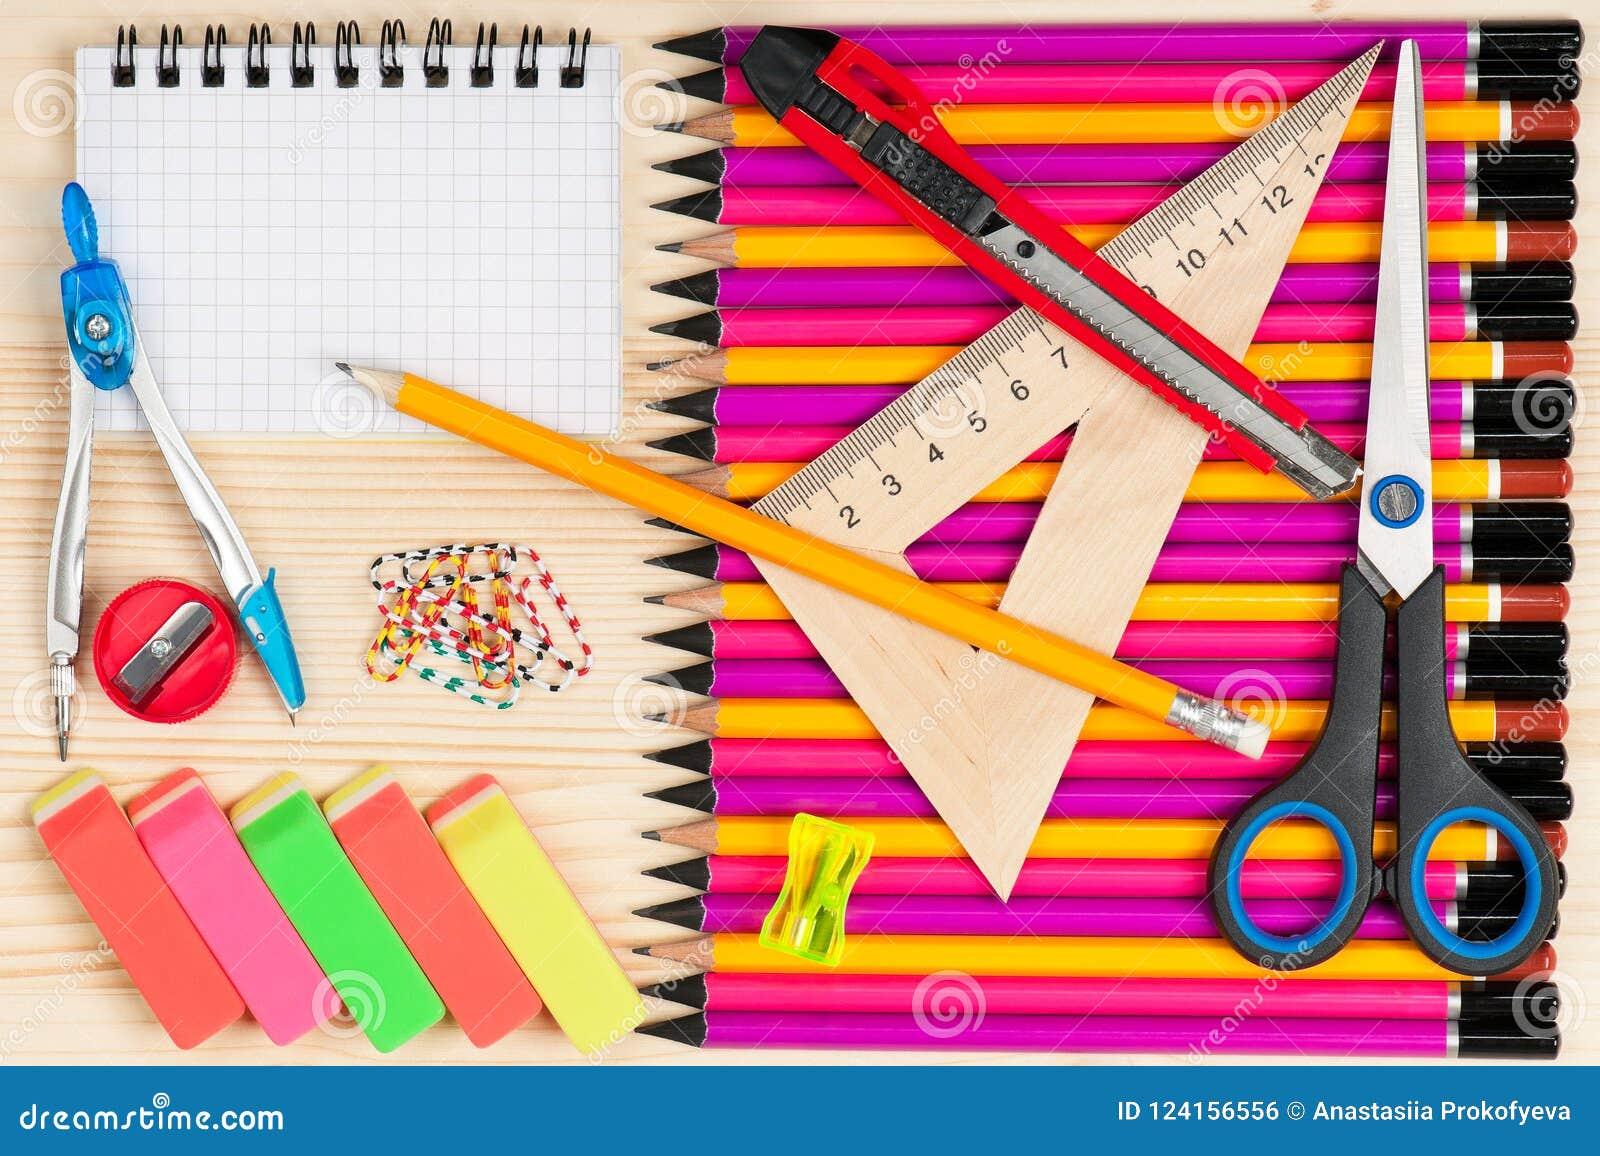 Φωτεινά ζωηρόχρωμα μολύβια